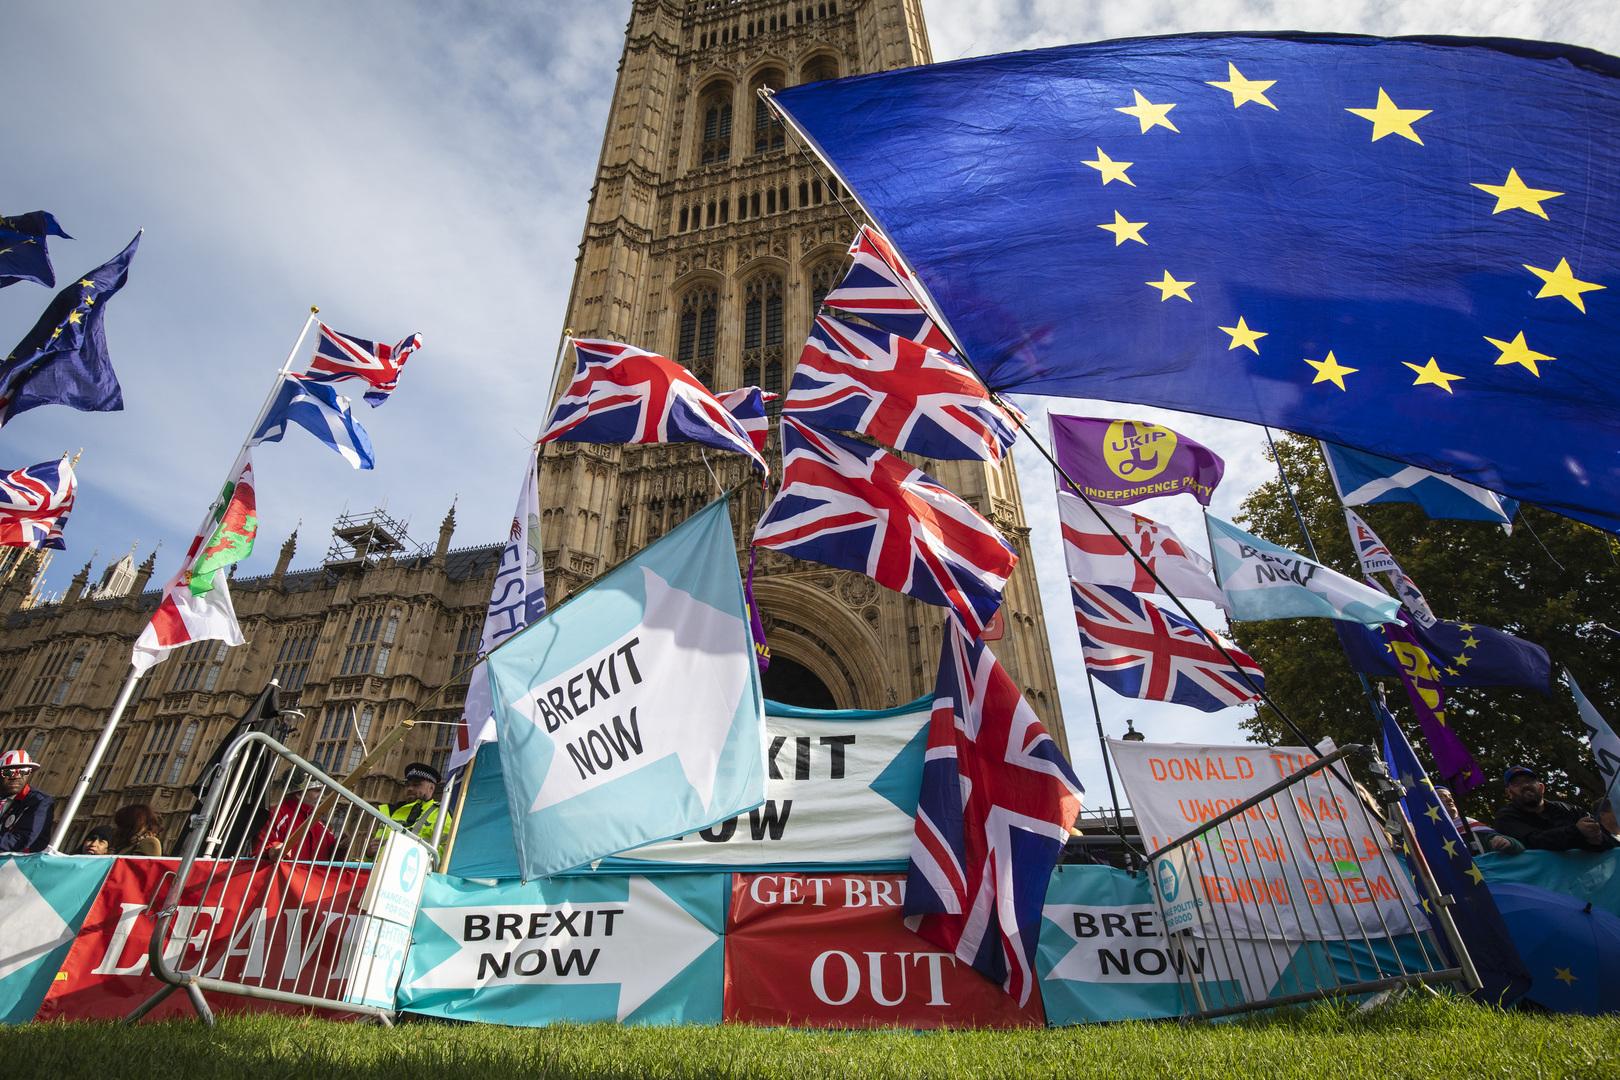 صحيفة: بريطانيا تغير قرارها بشأن الإجراءات الجمركية مع الاتحاد الأوروبي